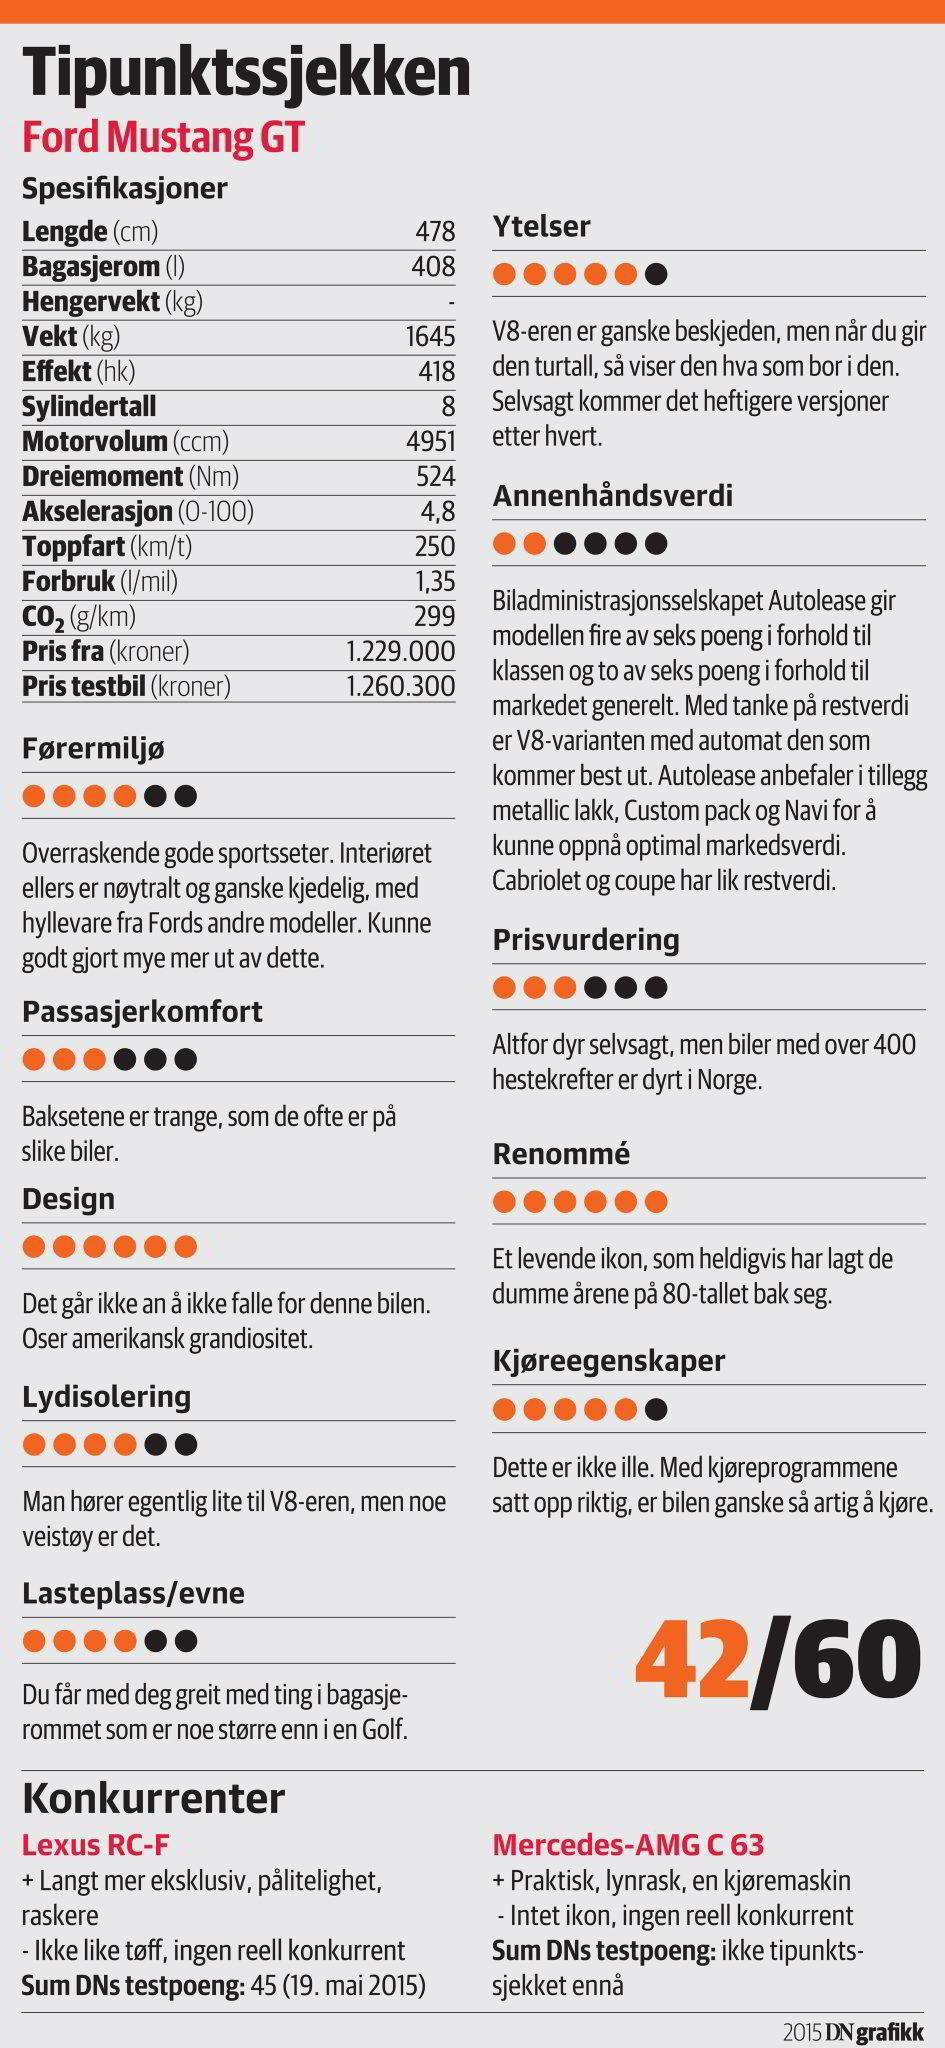 Sagnomsuste Ford Mustang blir endelig å se på norske veier, om enn i få eksemplarer. Mens bilen er prisen til rundt 300.000 kroner i USA, tipper den millionen med norske skilter.